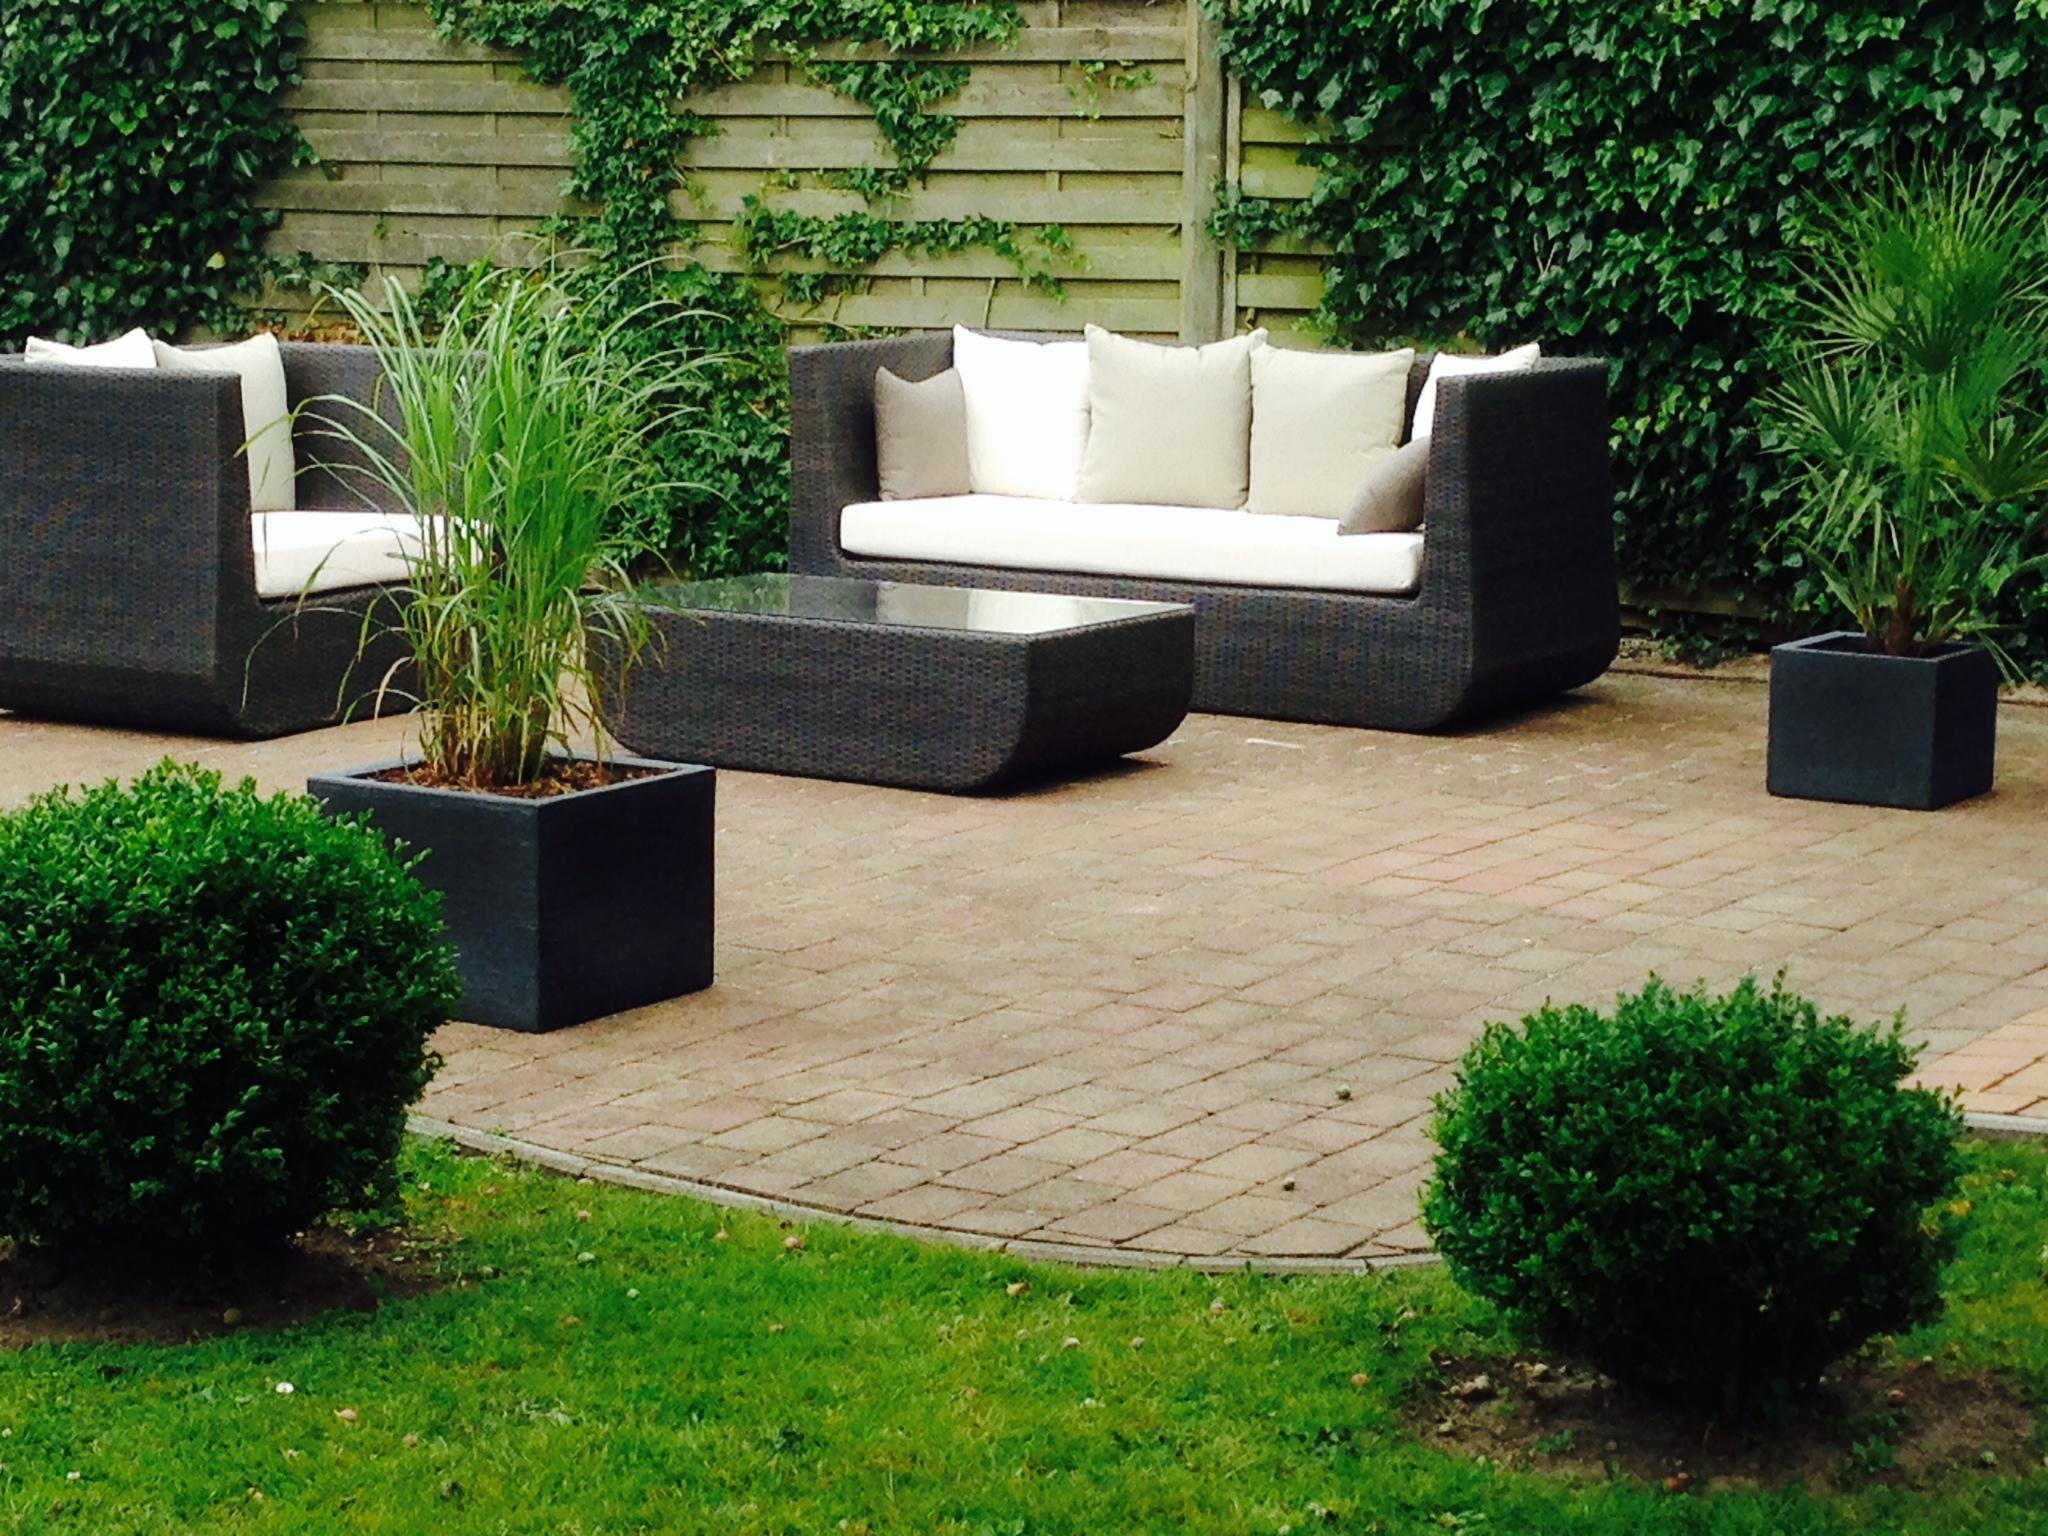 moderner garten mit moderner lounge ecke, feuerstelle und, Garten und bauen